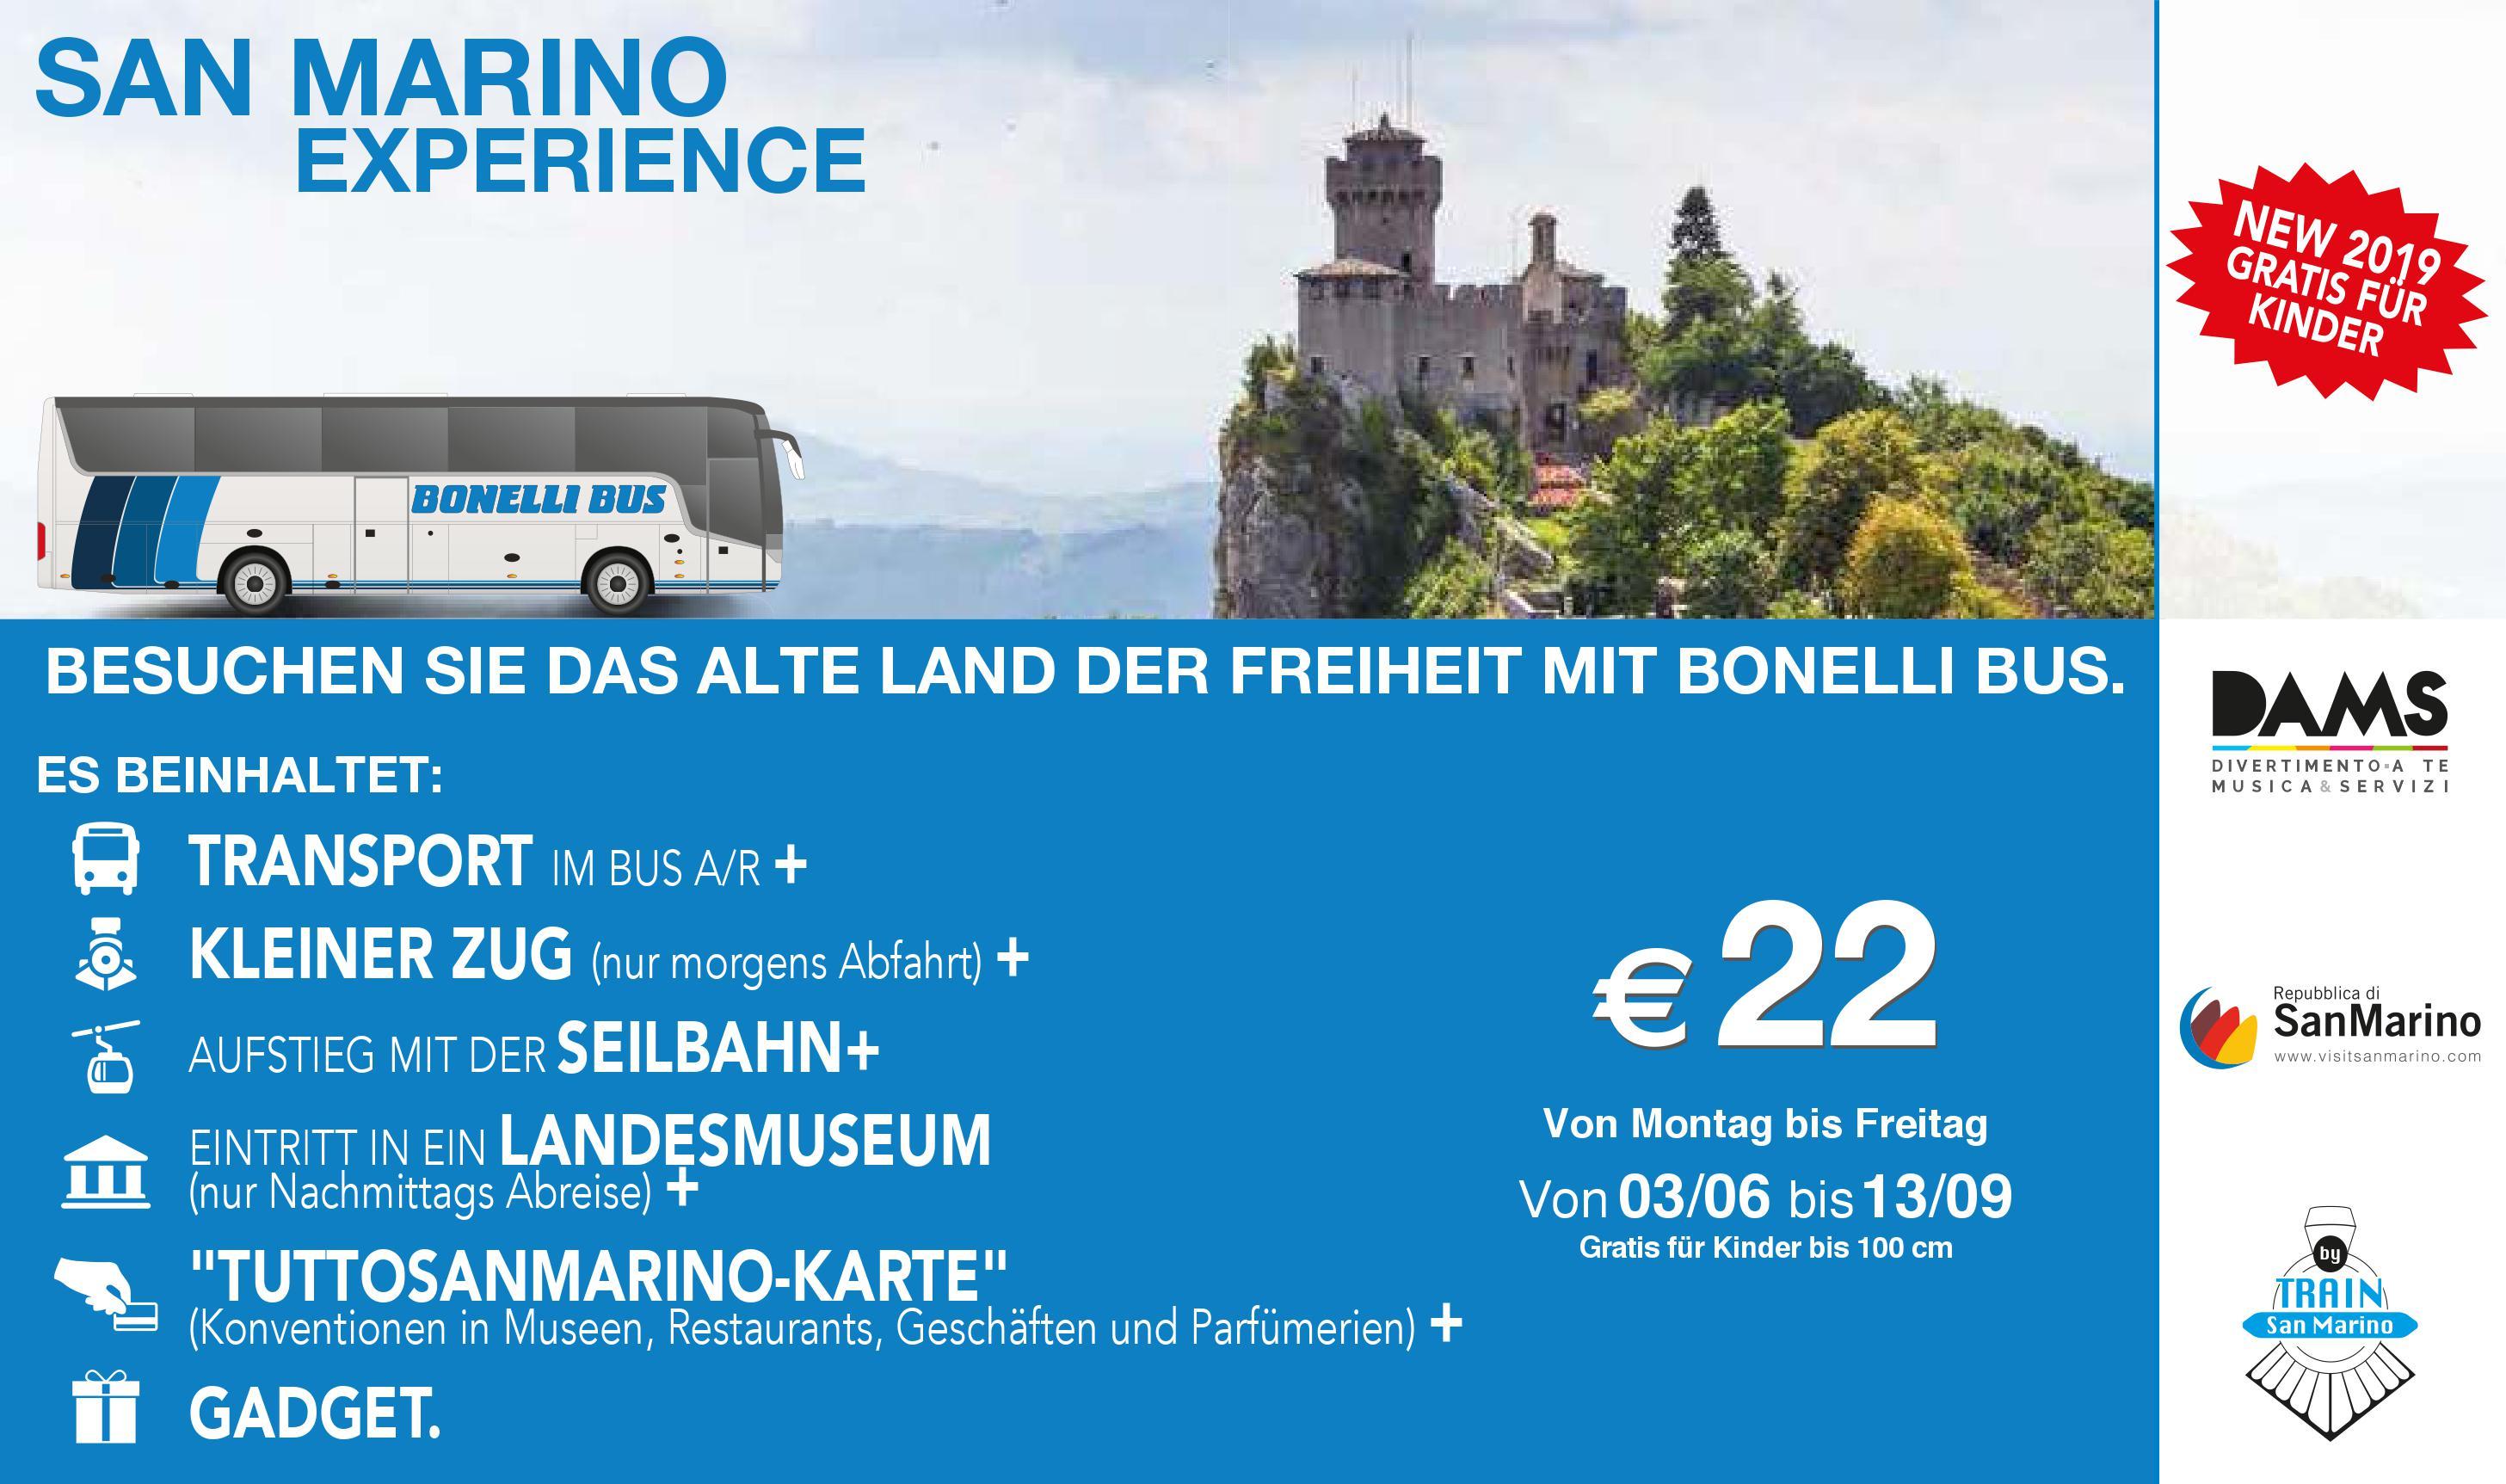 San Marino Experience german